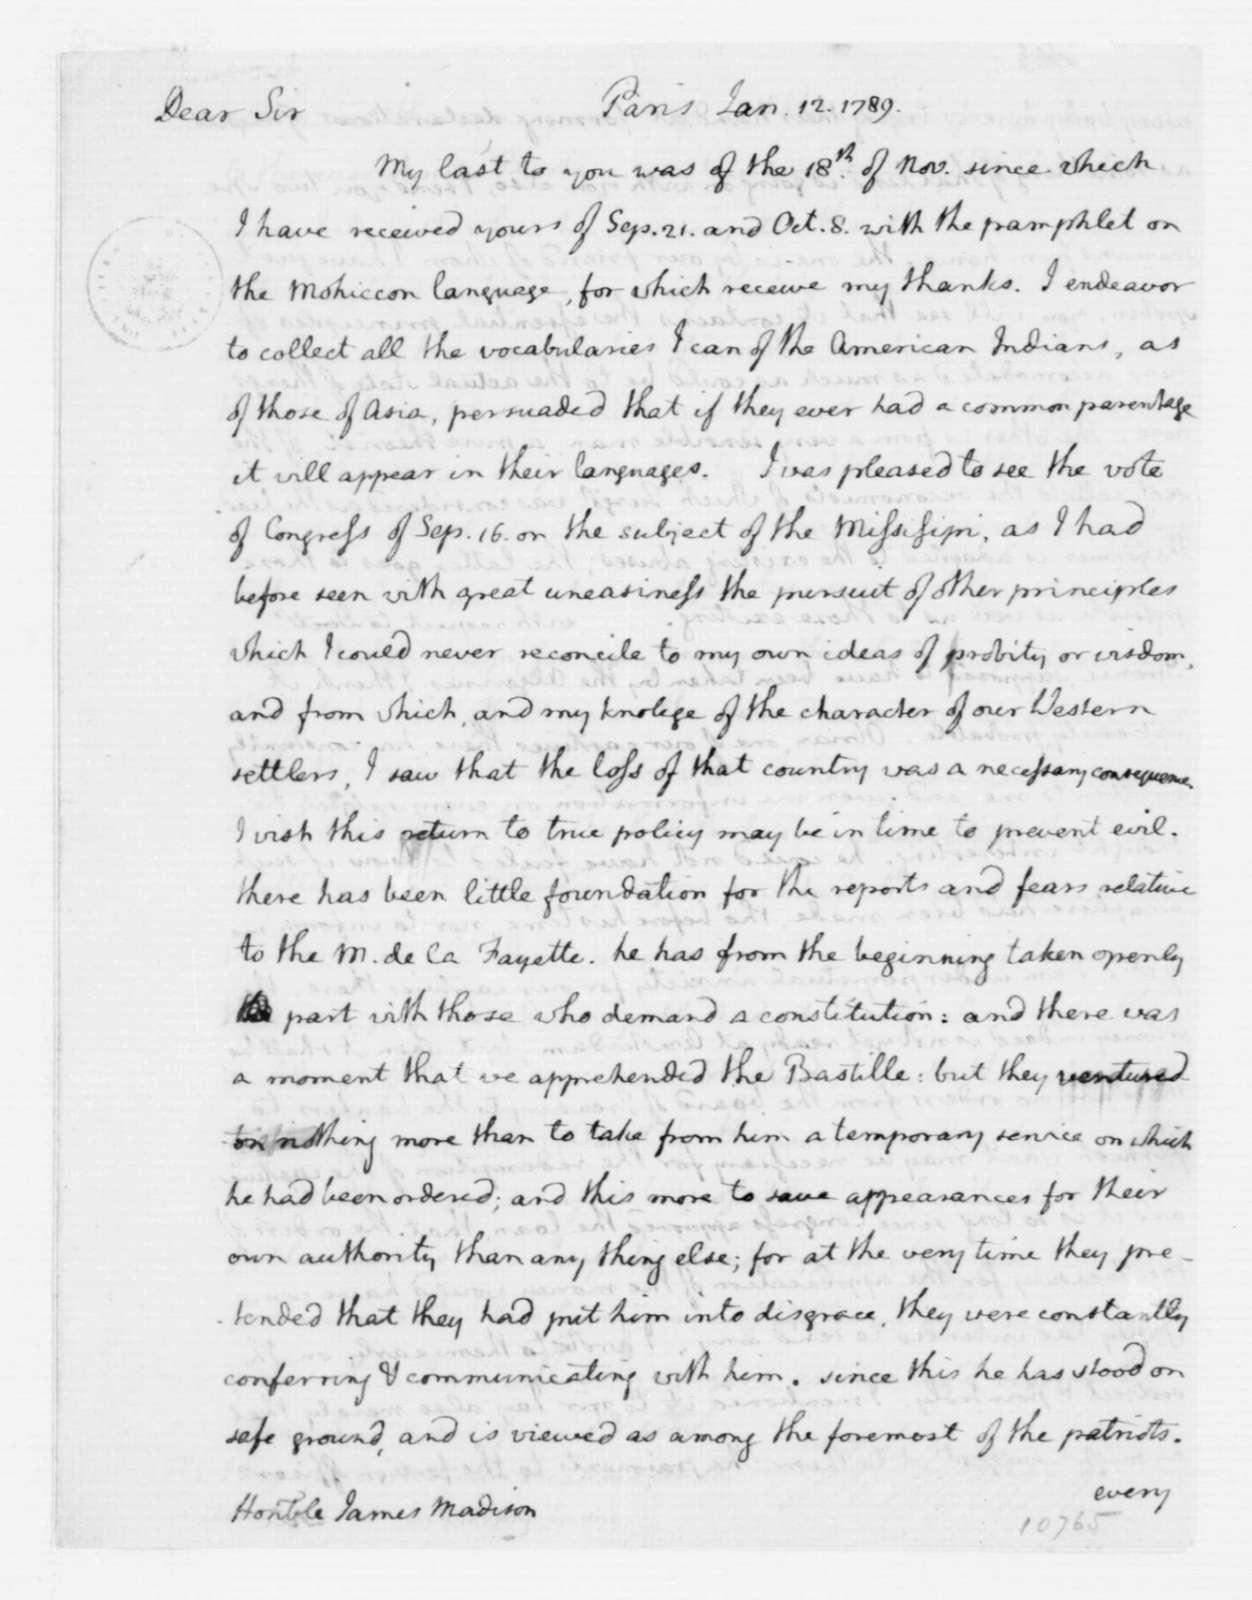 Thomas Jefferson to James Madison, January 12, 1789.